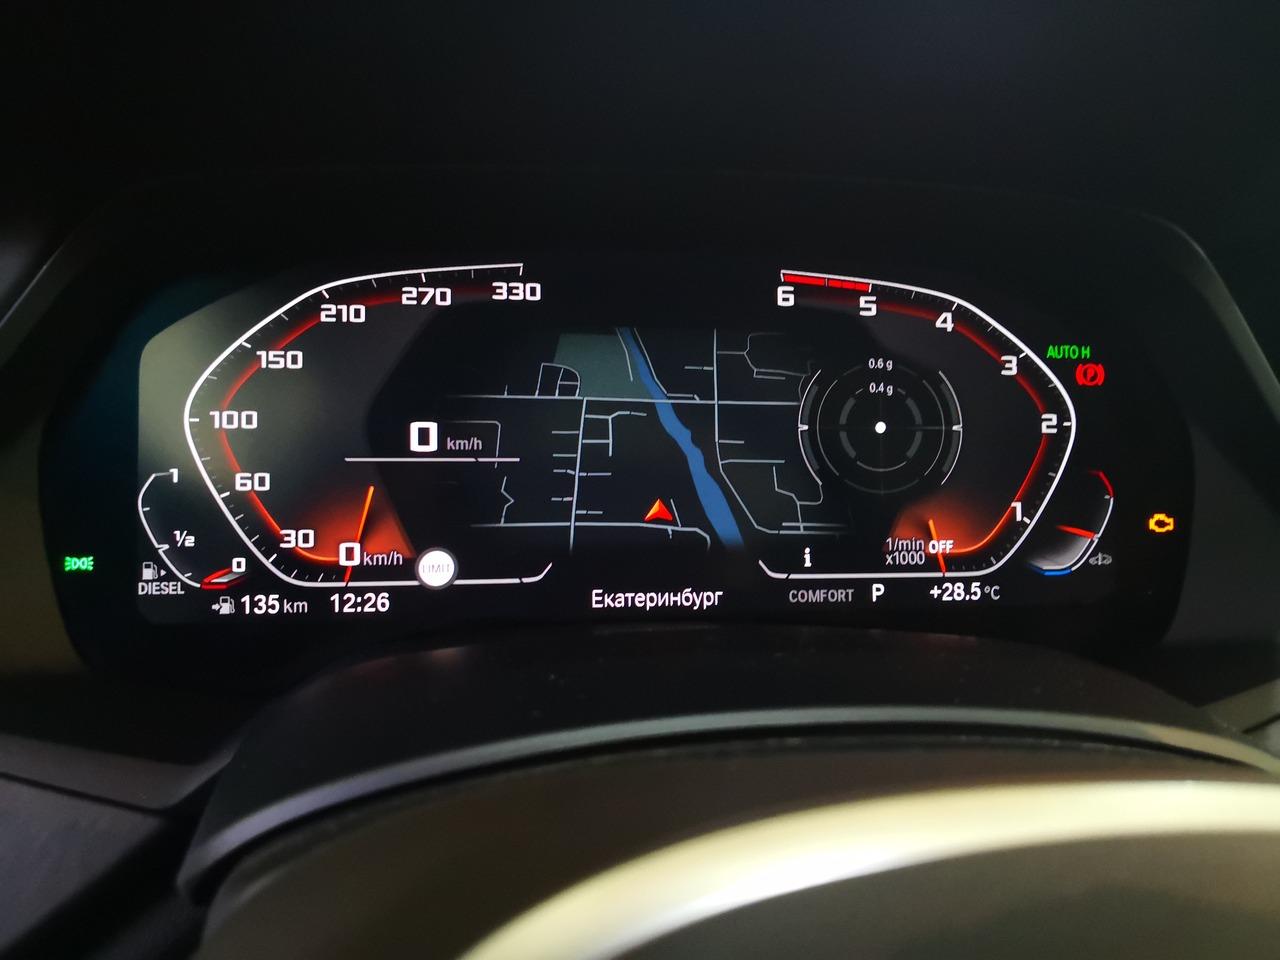 лимит скорости на спидометре, максимальная скорость BMW X7 G07